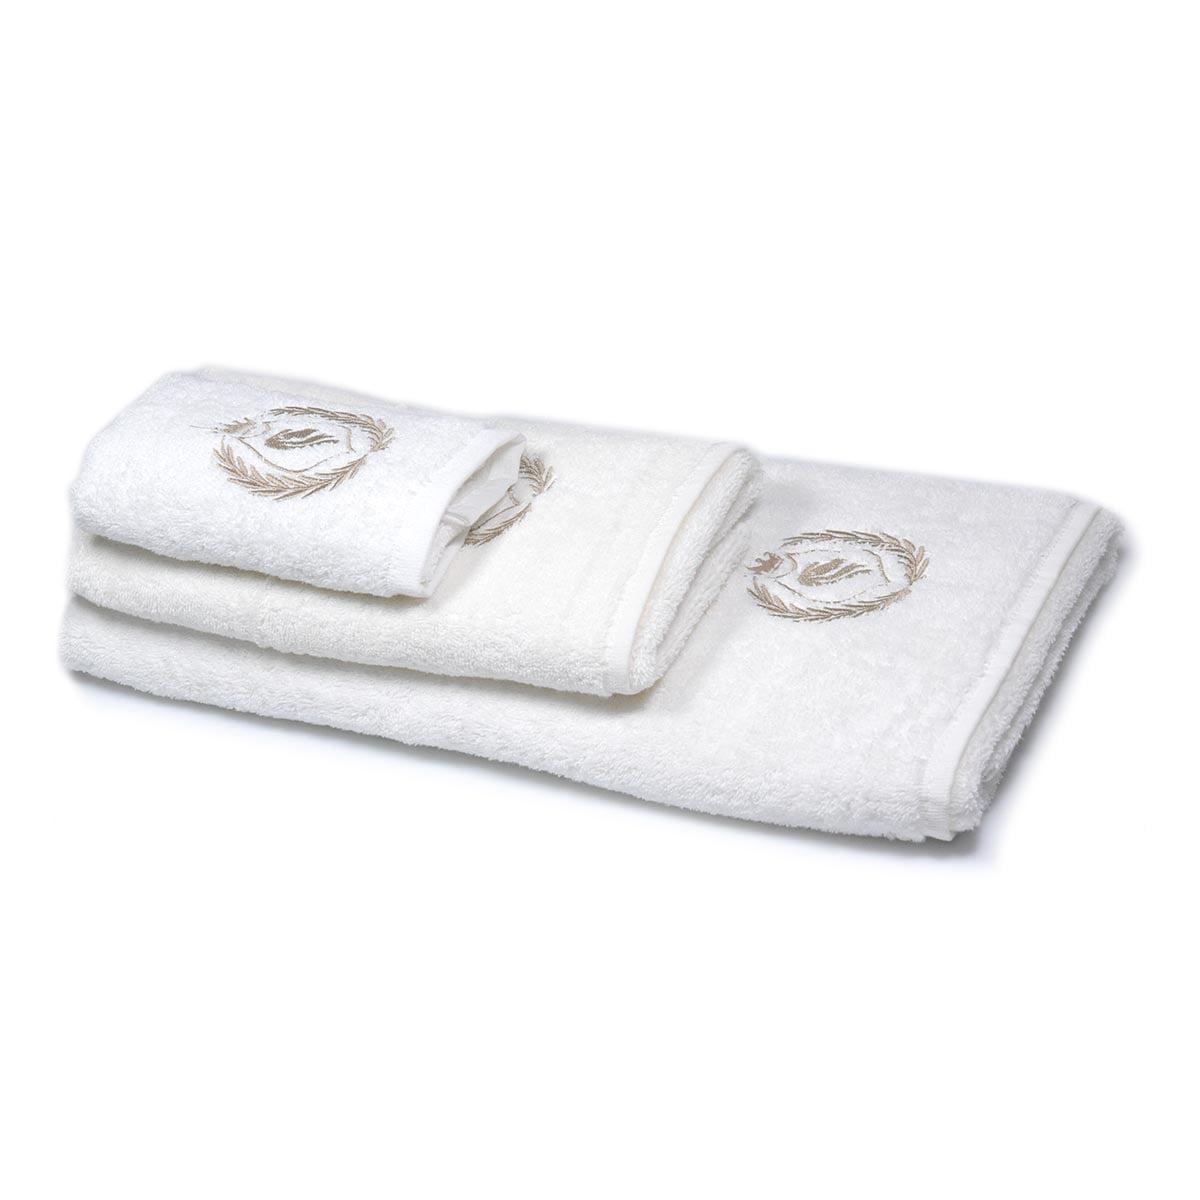 Set luksuznih peškira za lice, ruke i telo 500 g/m² - Ritz